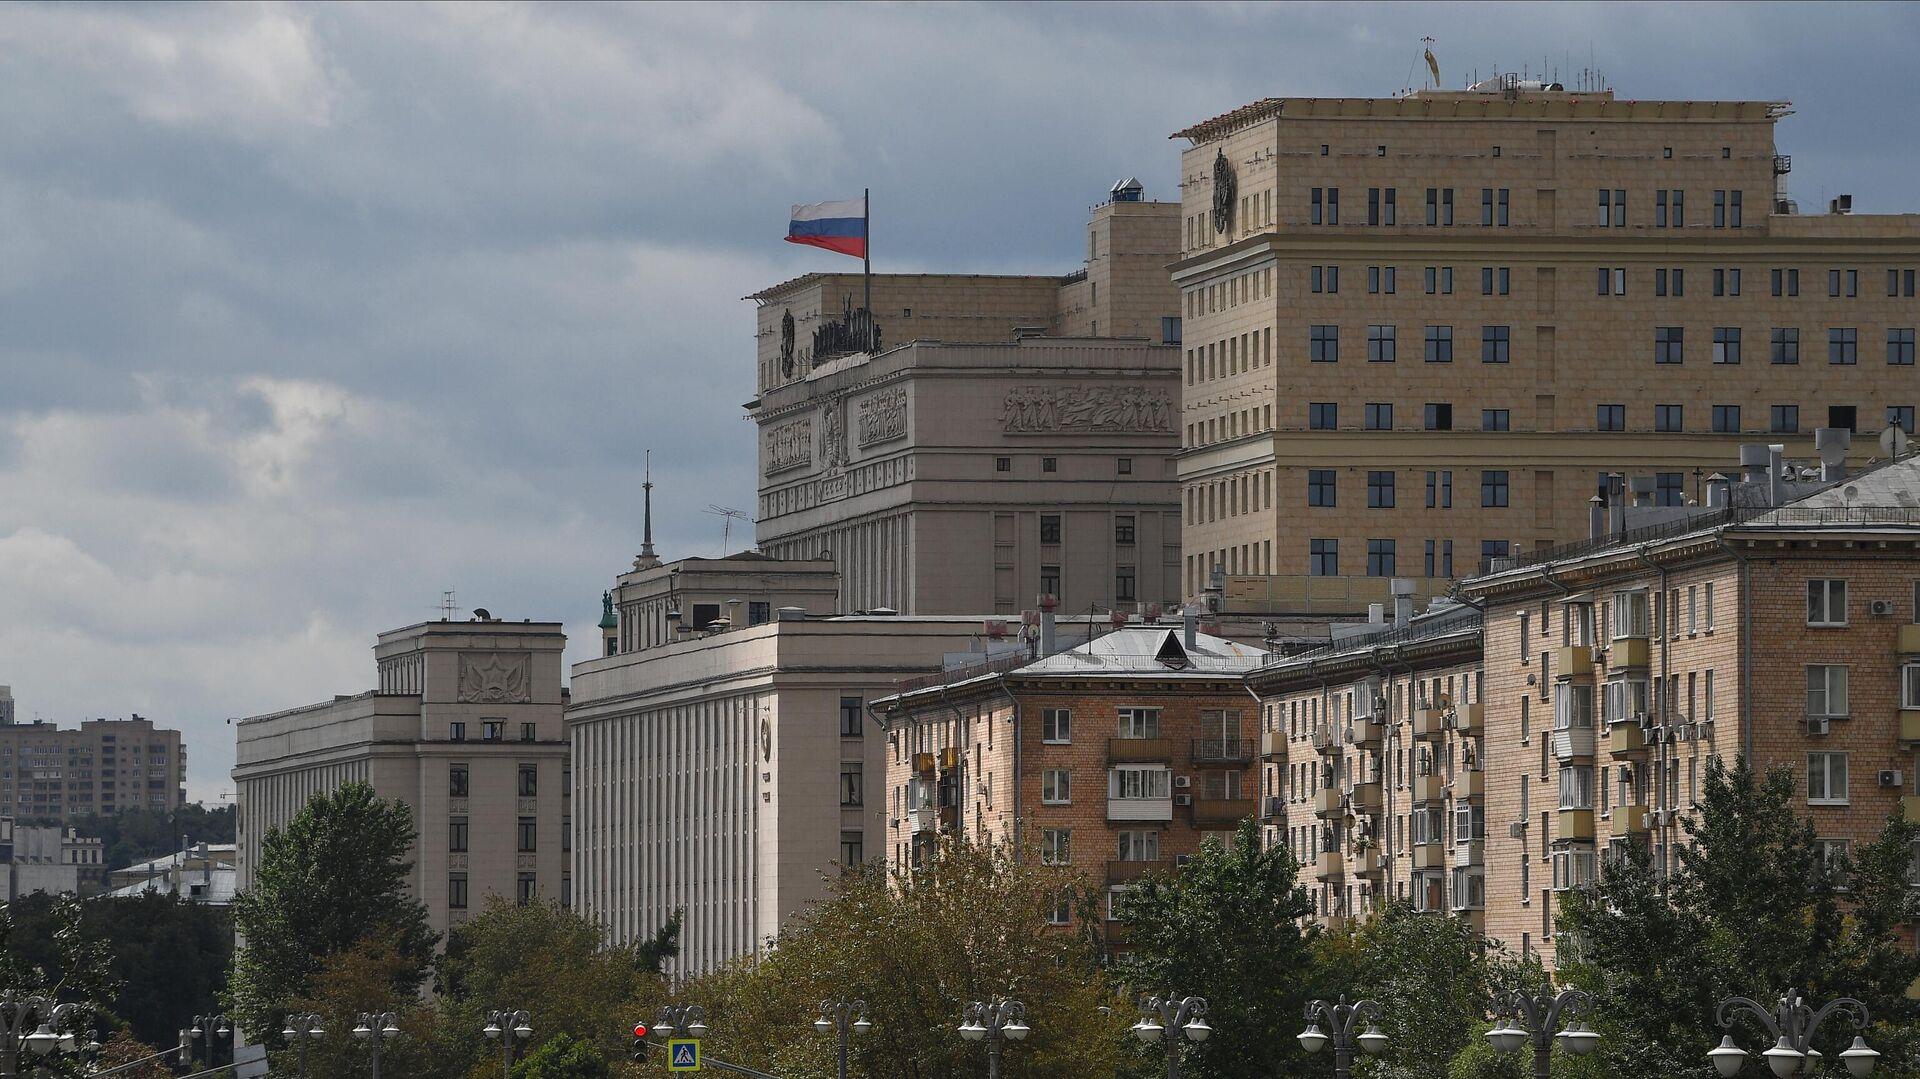 Здание Министерства обороны Российской Федерации на Фрунзенской набережной в Москве - РИА Новости, 1920, 10.09.2021